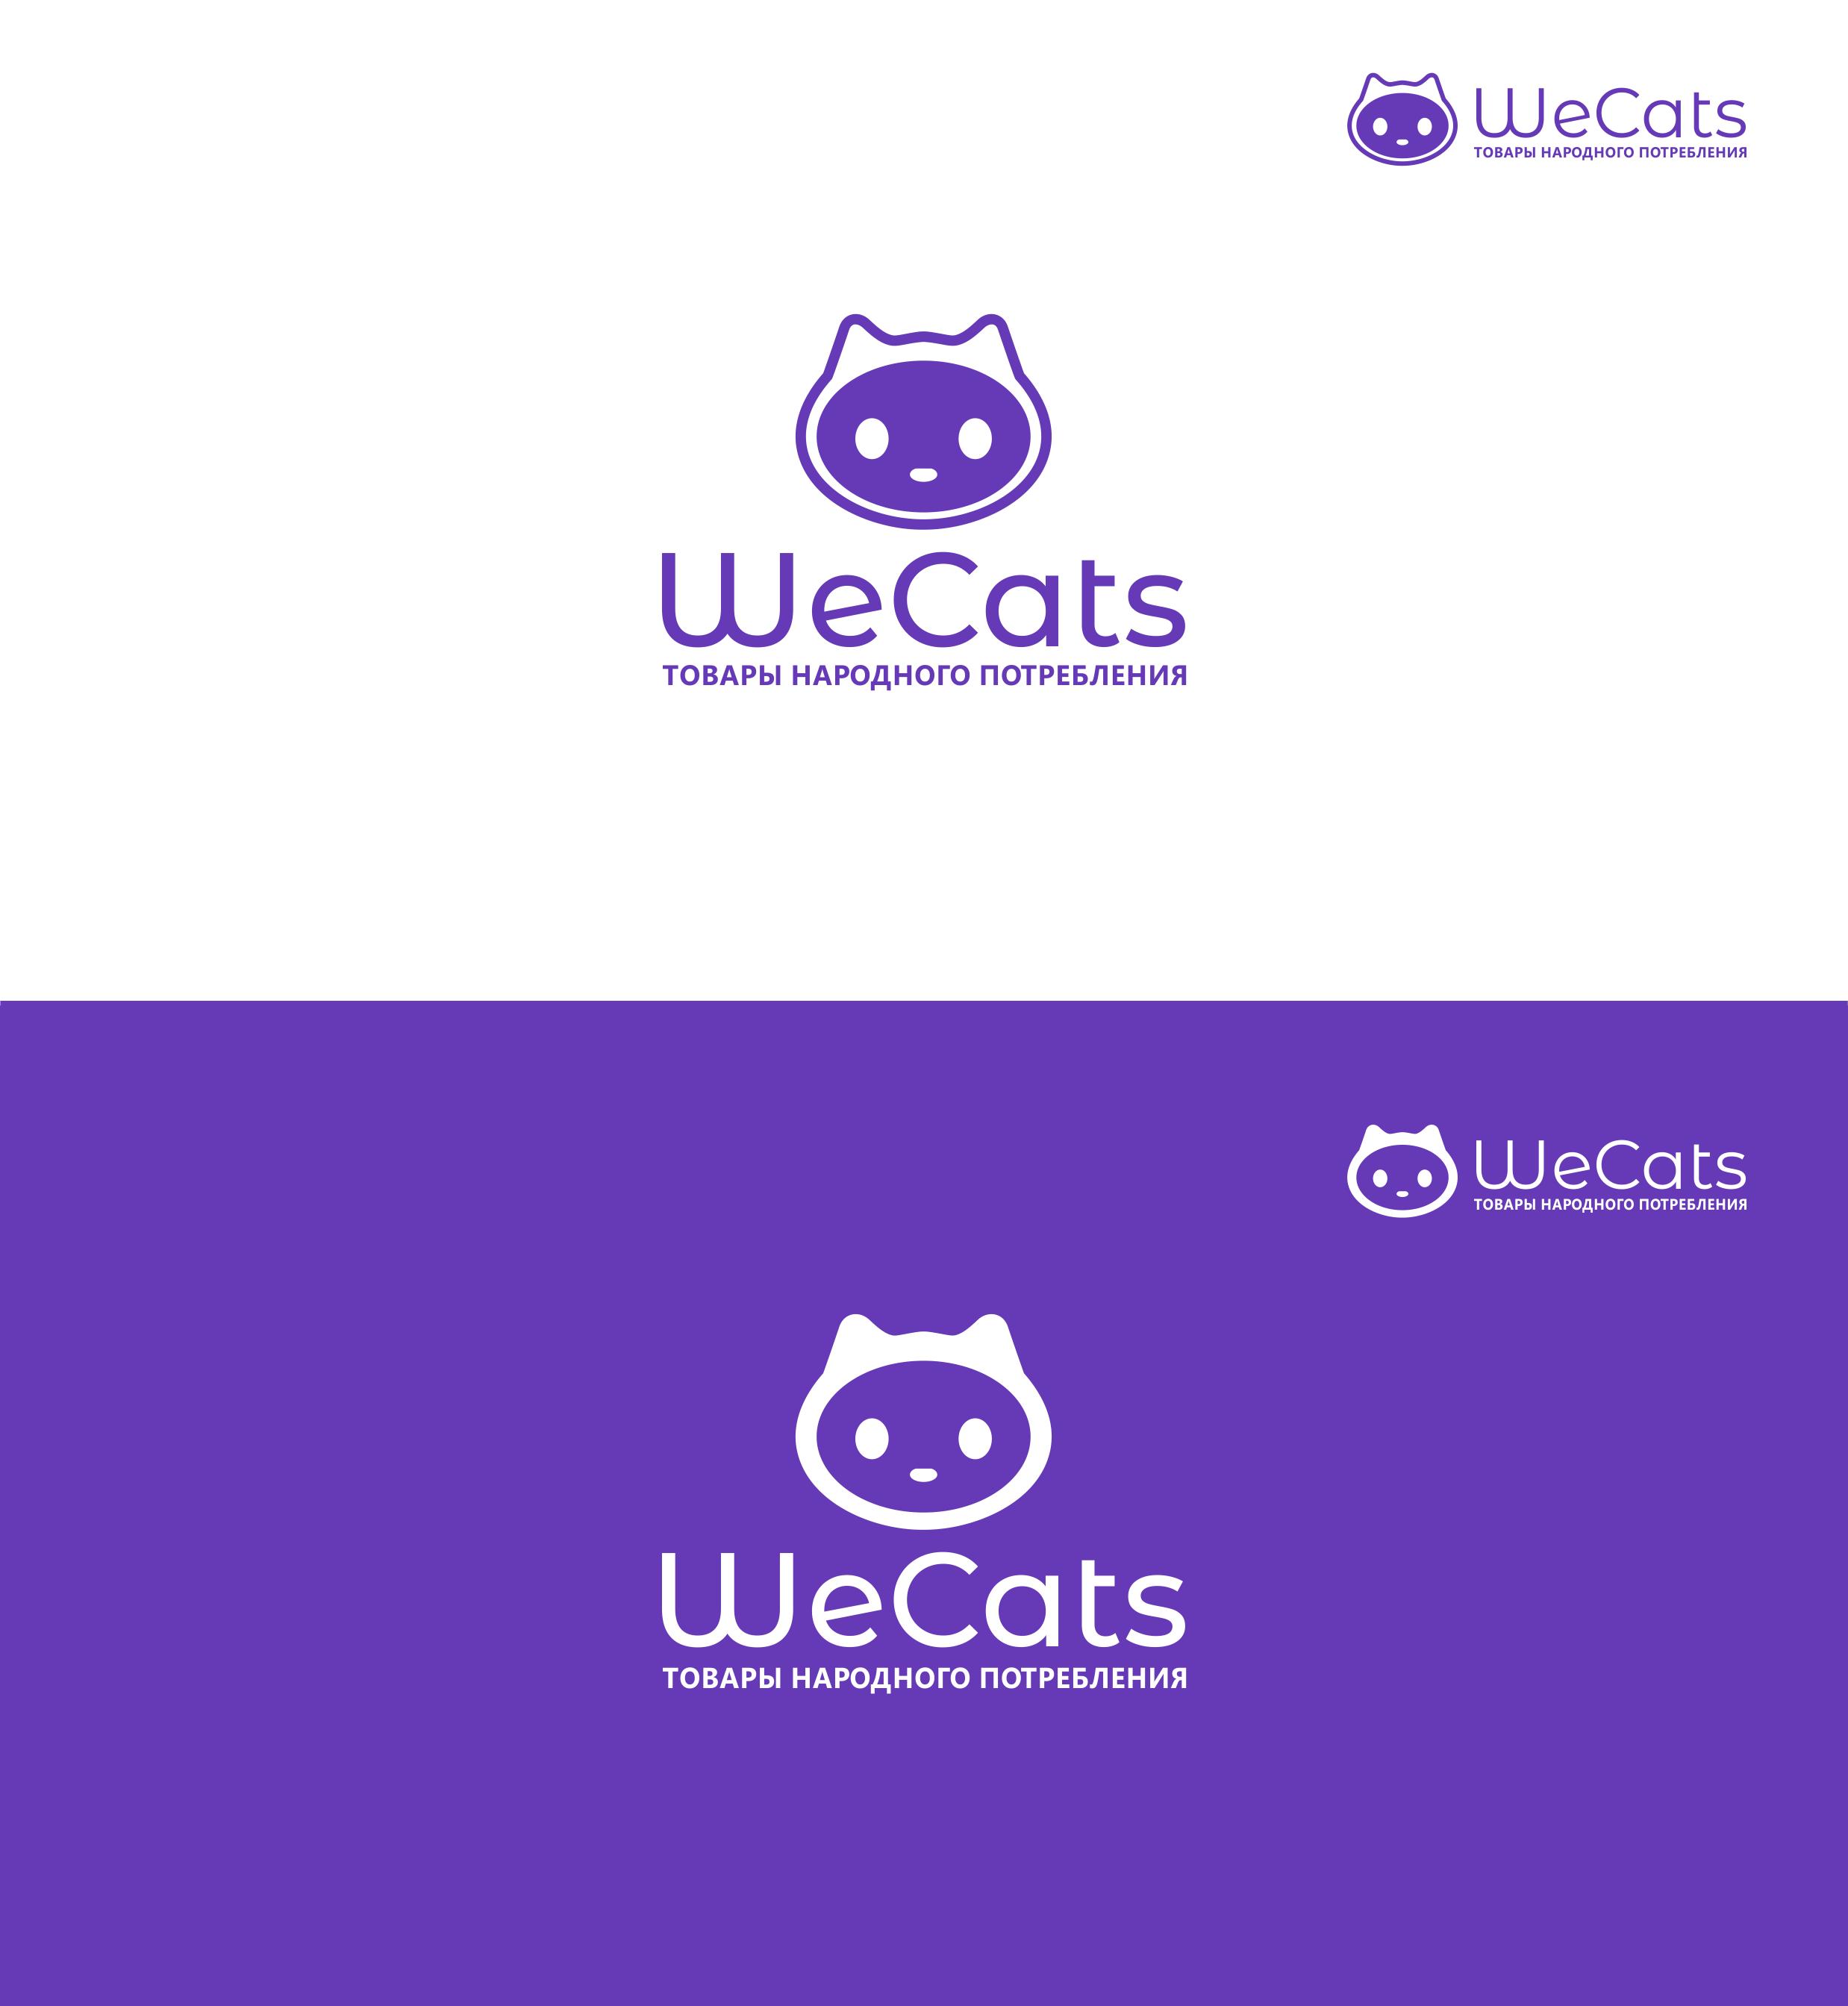 Создание логотипа WeCats фото f_9165f19fb03004ed.png